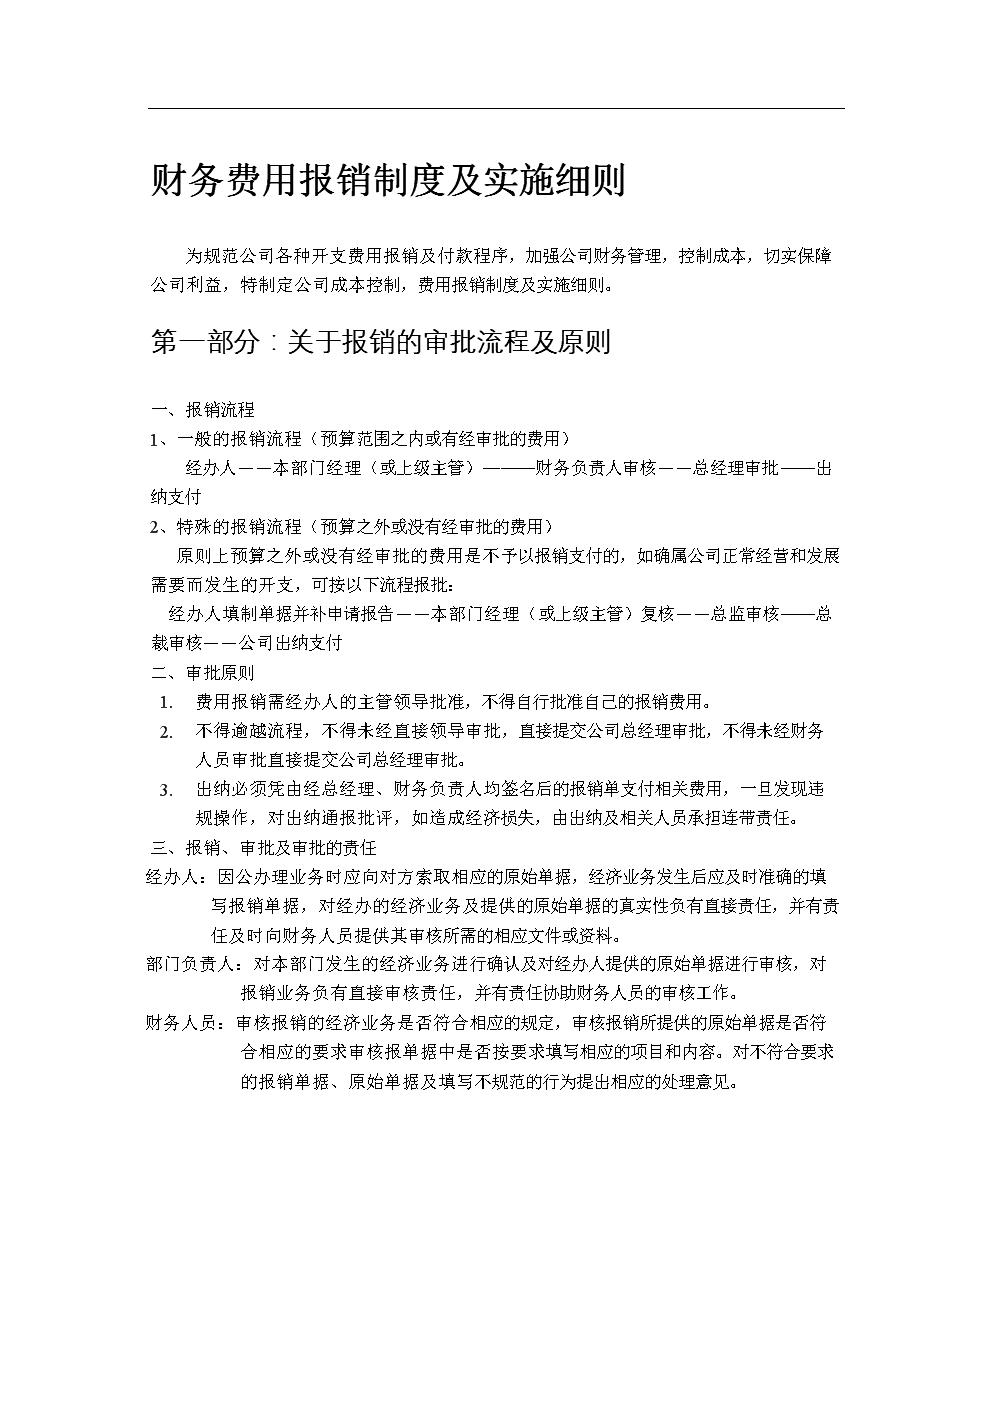 财务费用报销制度及实施细则,附审批权限表(9P Doc).doc